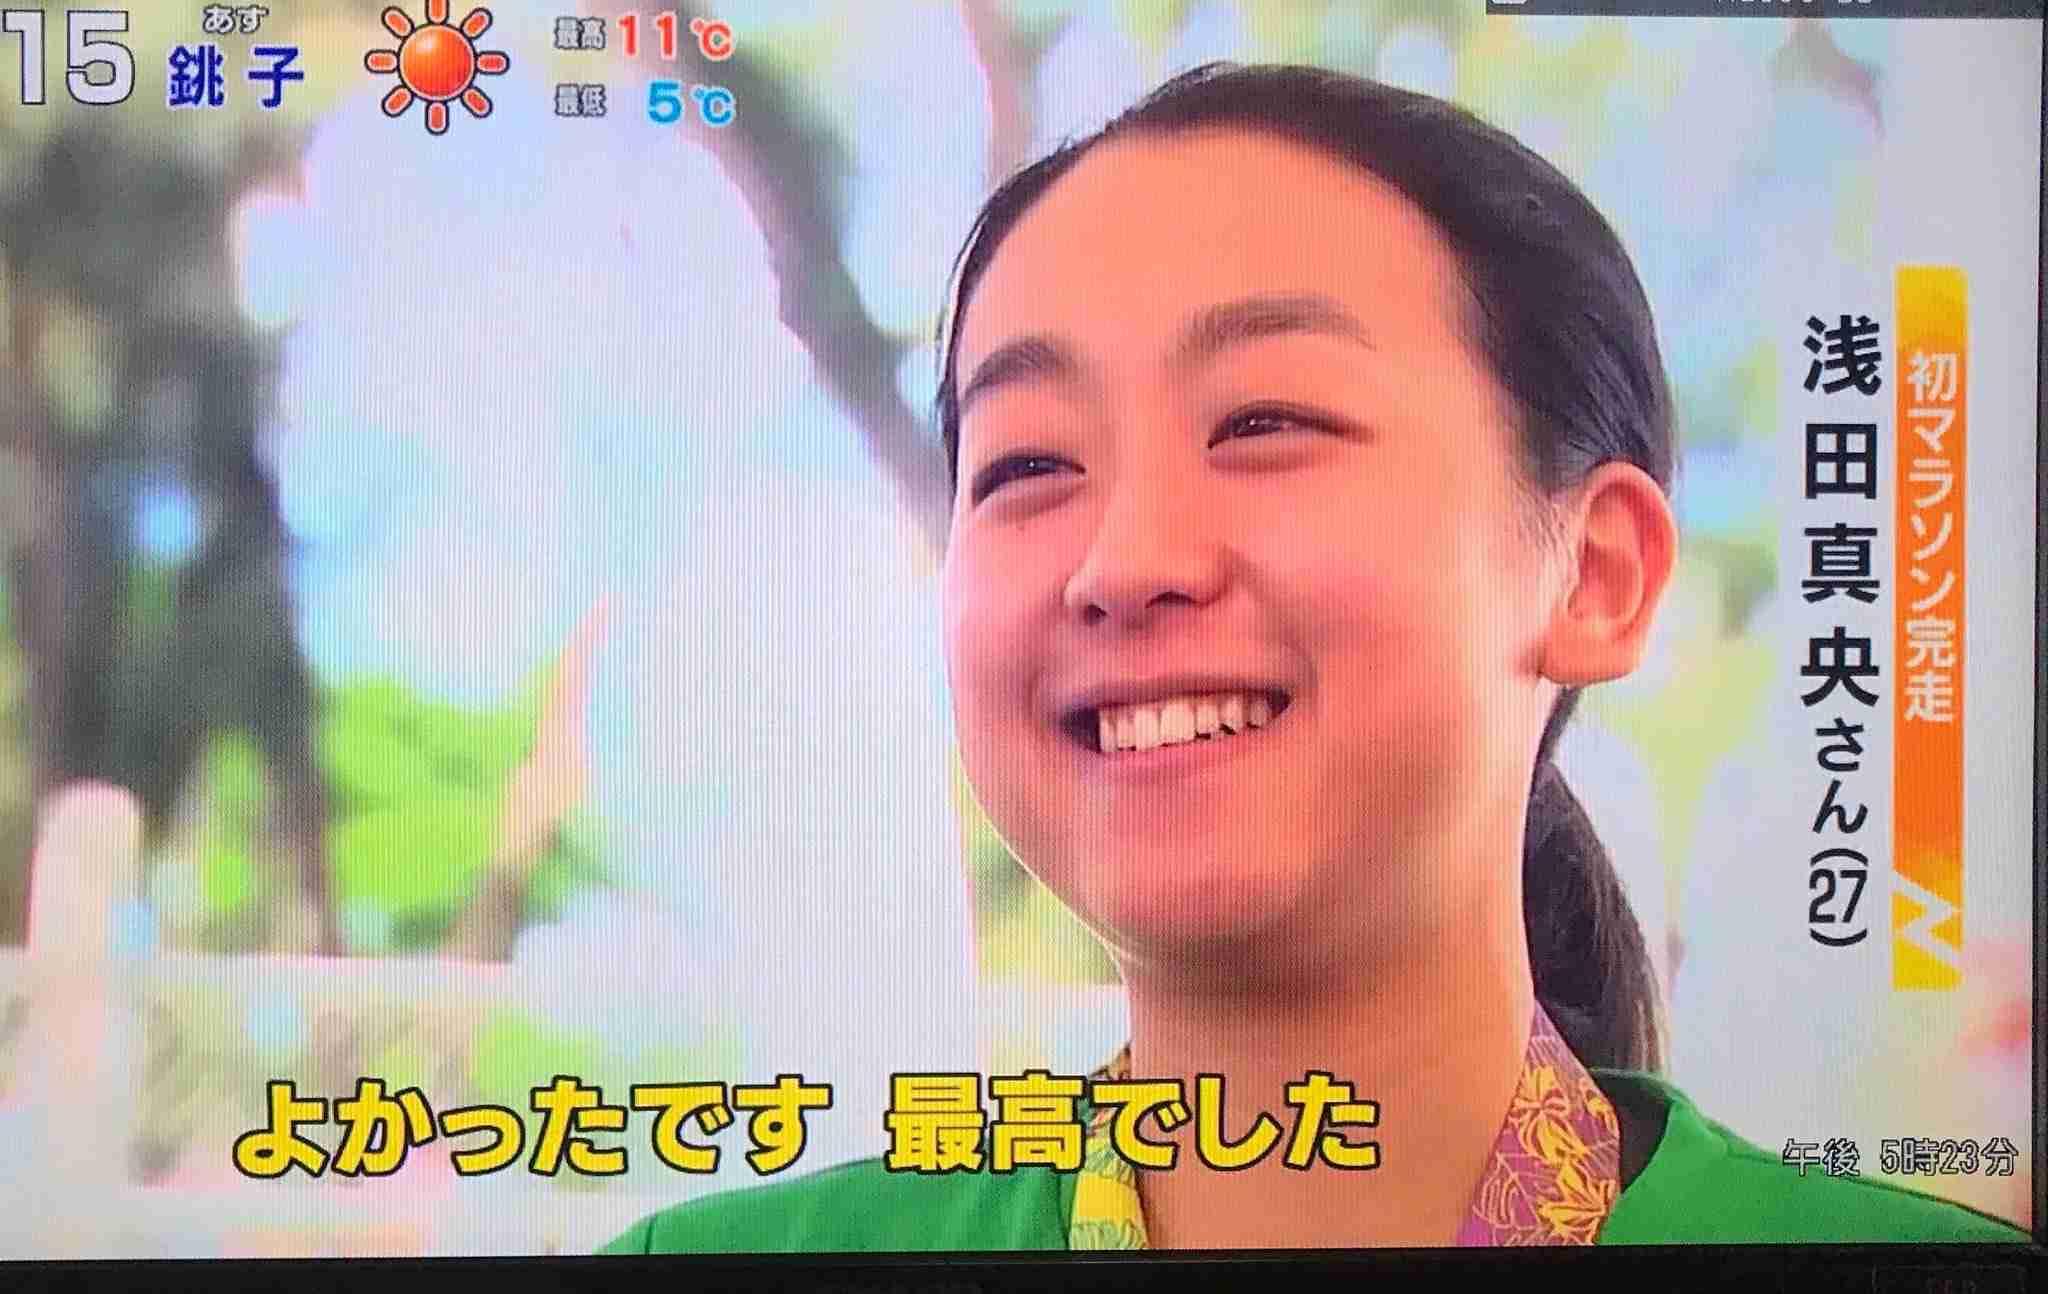 浅田真央さん、笑顔で初のホノルルマラソン完走